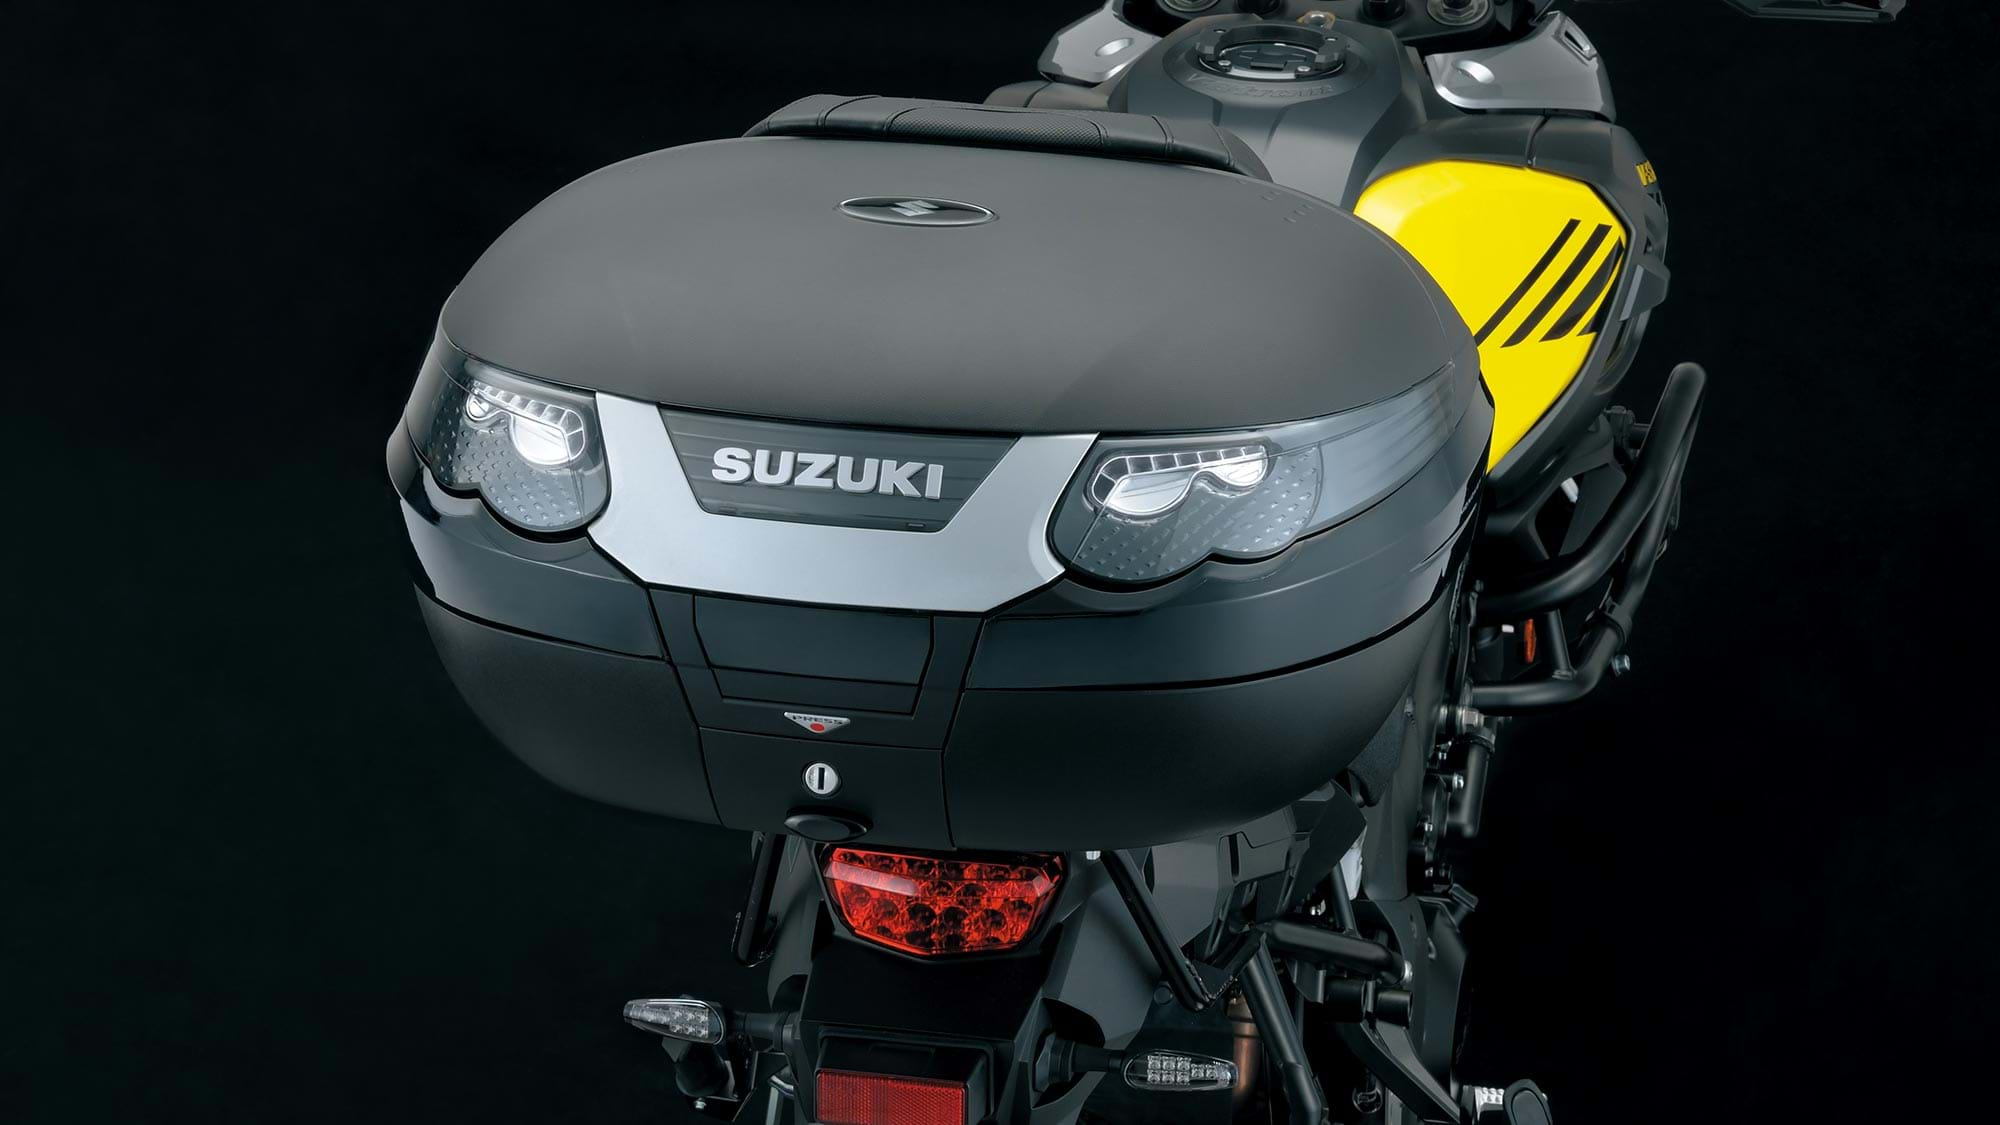 Suzuki V-Strom 1000 touring bike - Explorer pack